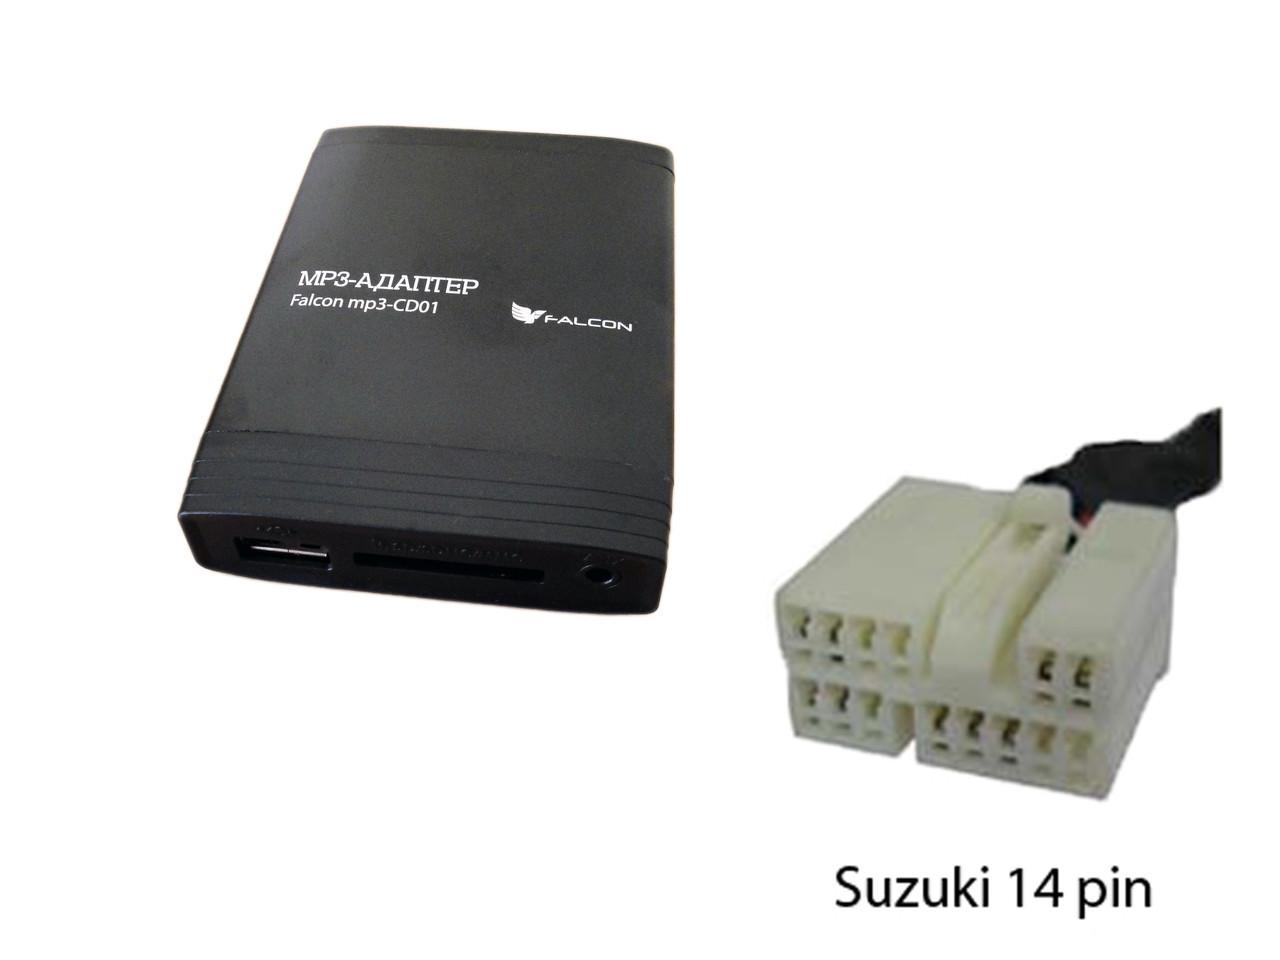 MP3 адаптеры Falcon MP3-CD01 Suzuki clarion